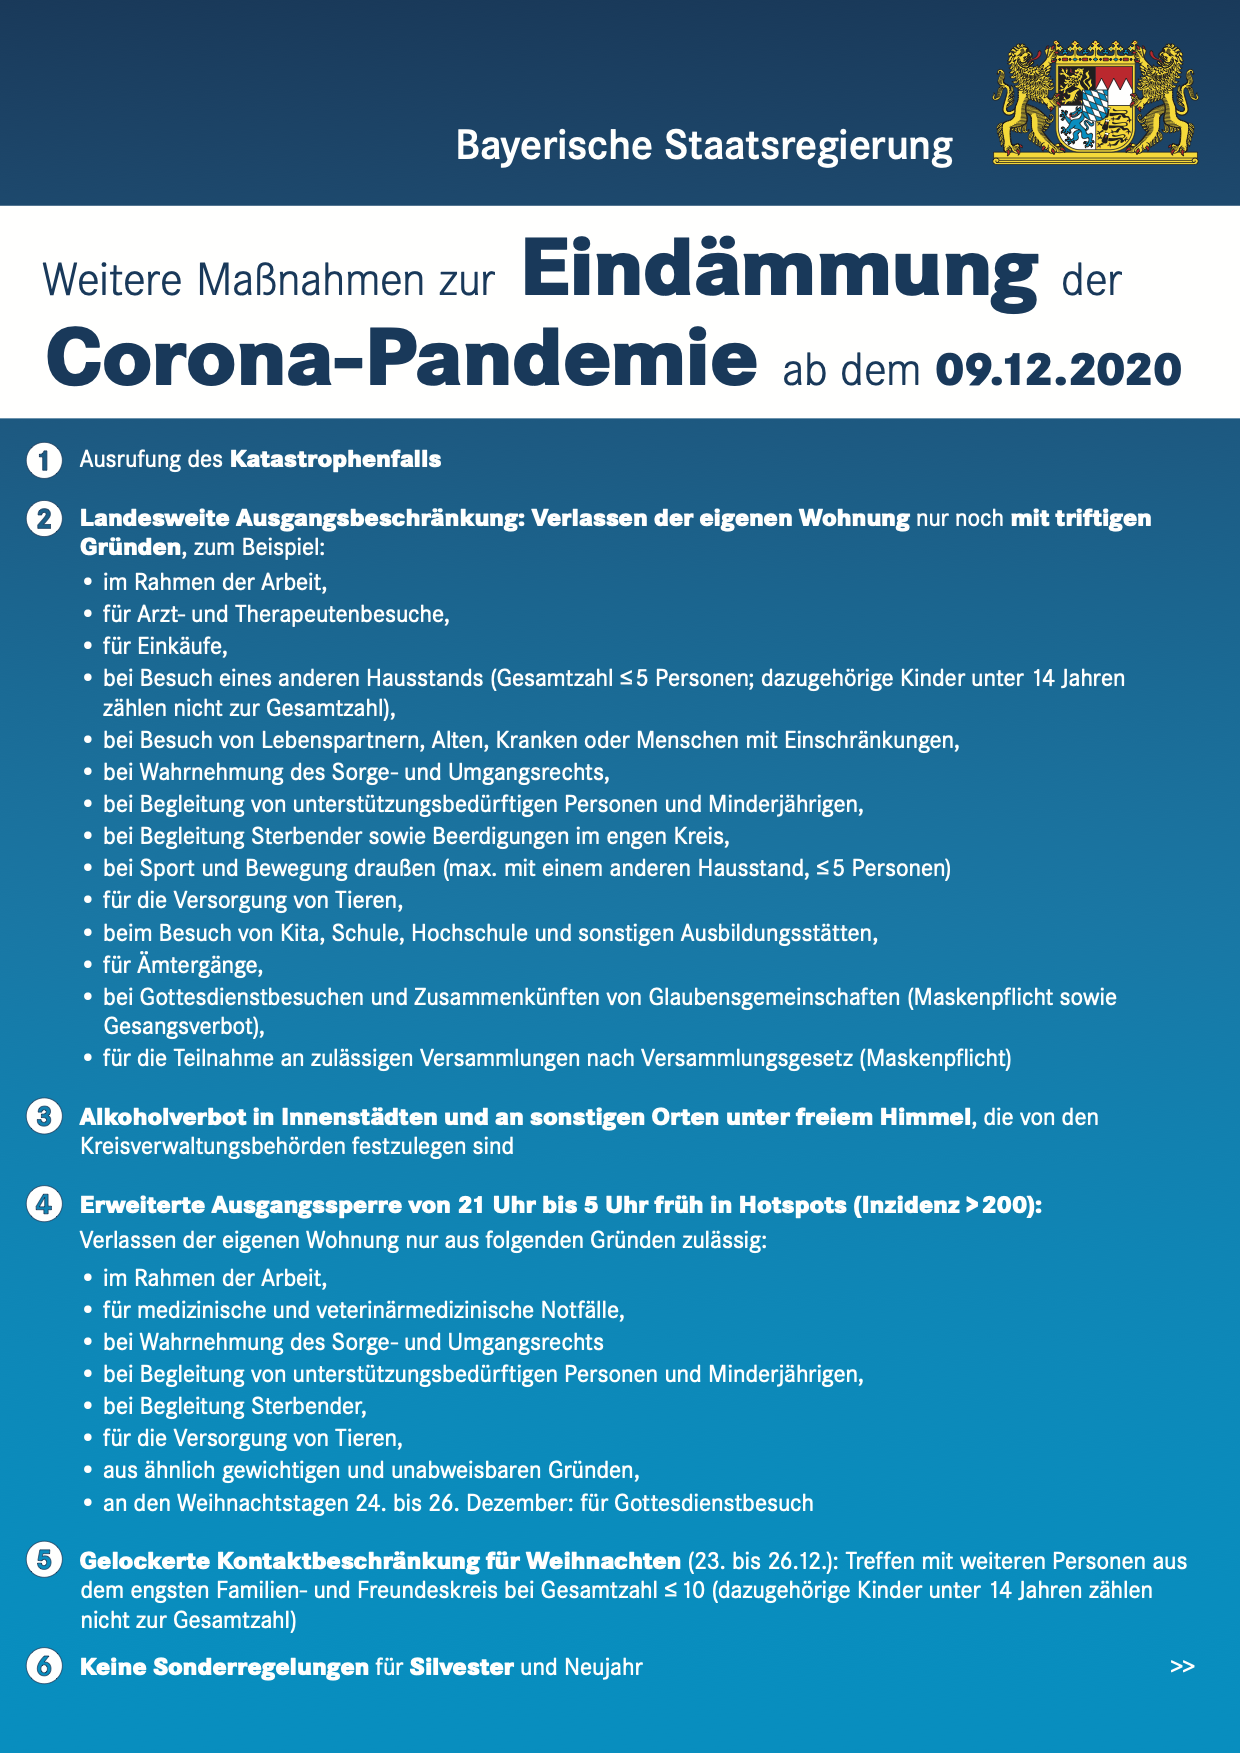 Corona-Maßnahmen ab 9.12.2020_01